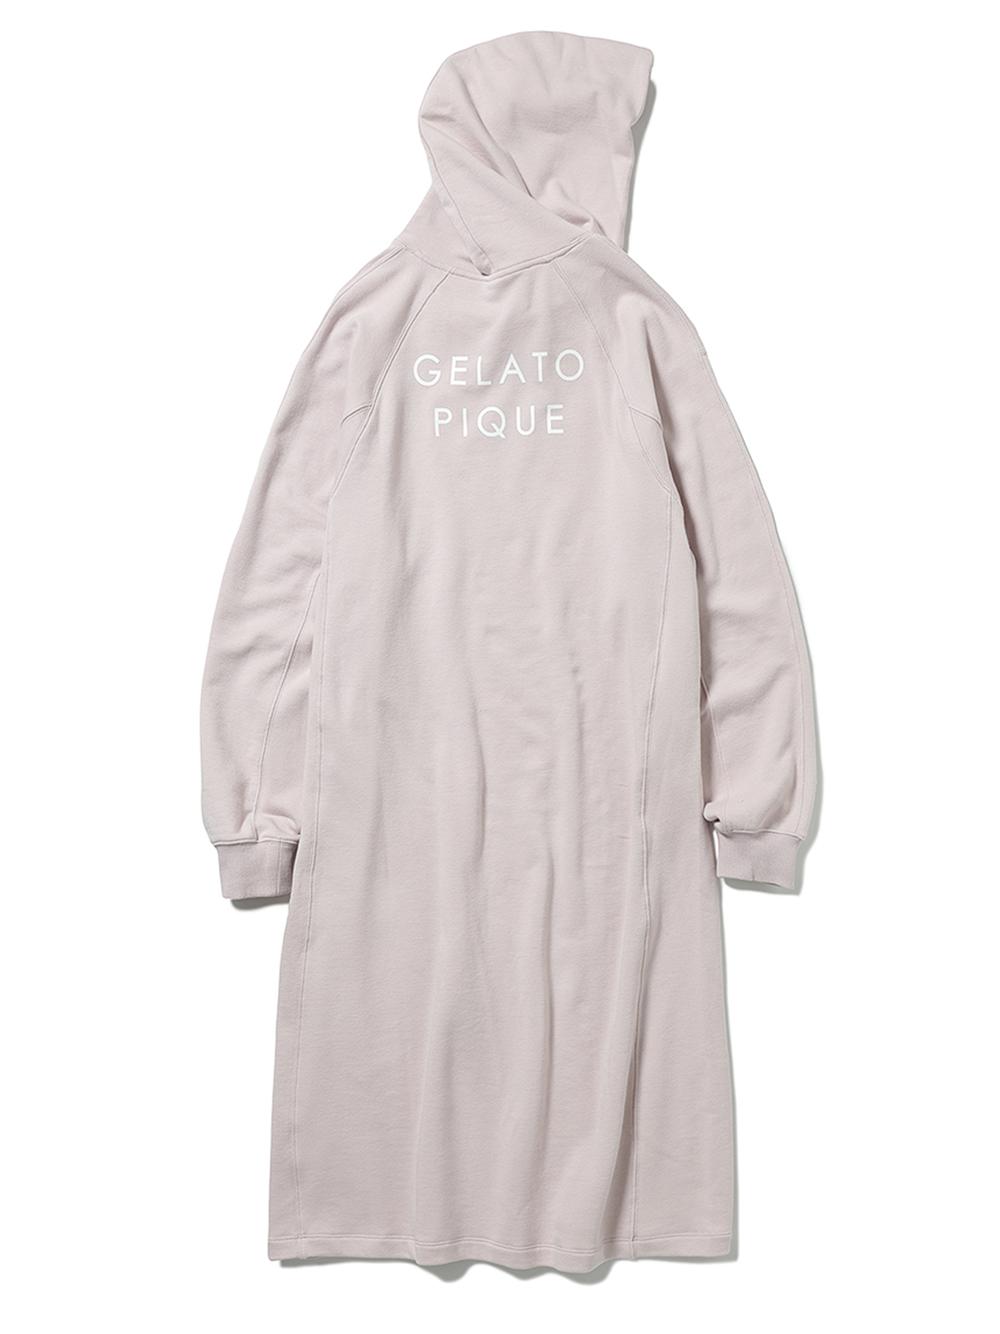 【オフィシャルオンラインストア限定】ロゴ裏毛ドレス(PNK-F)